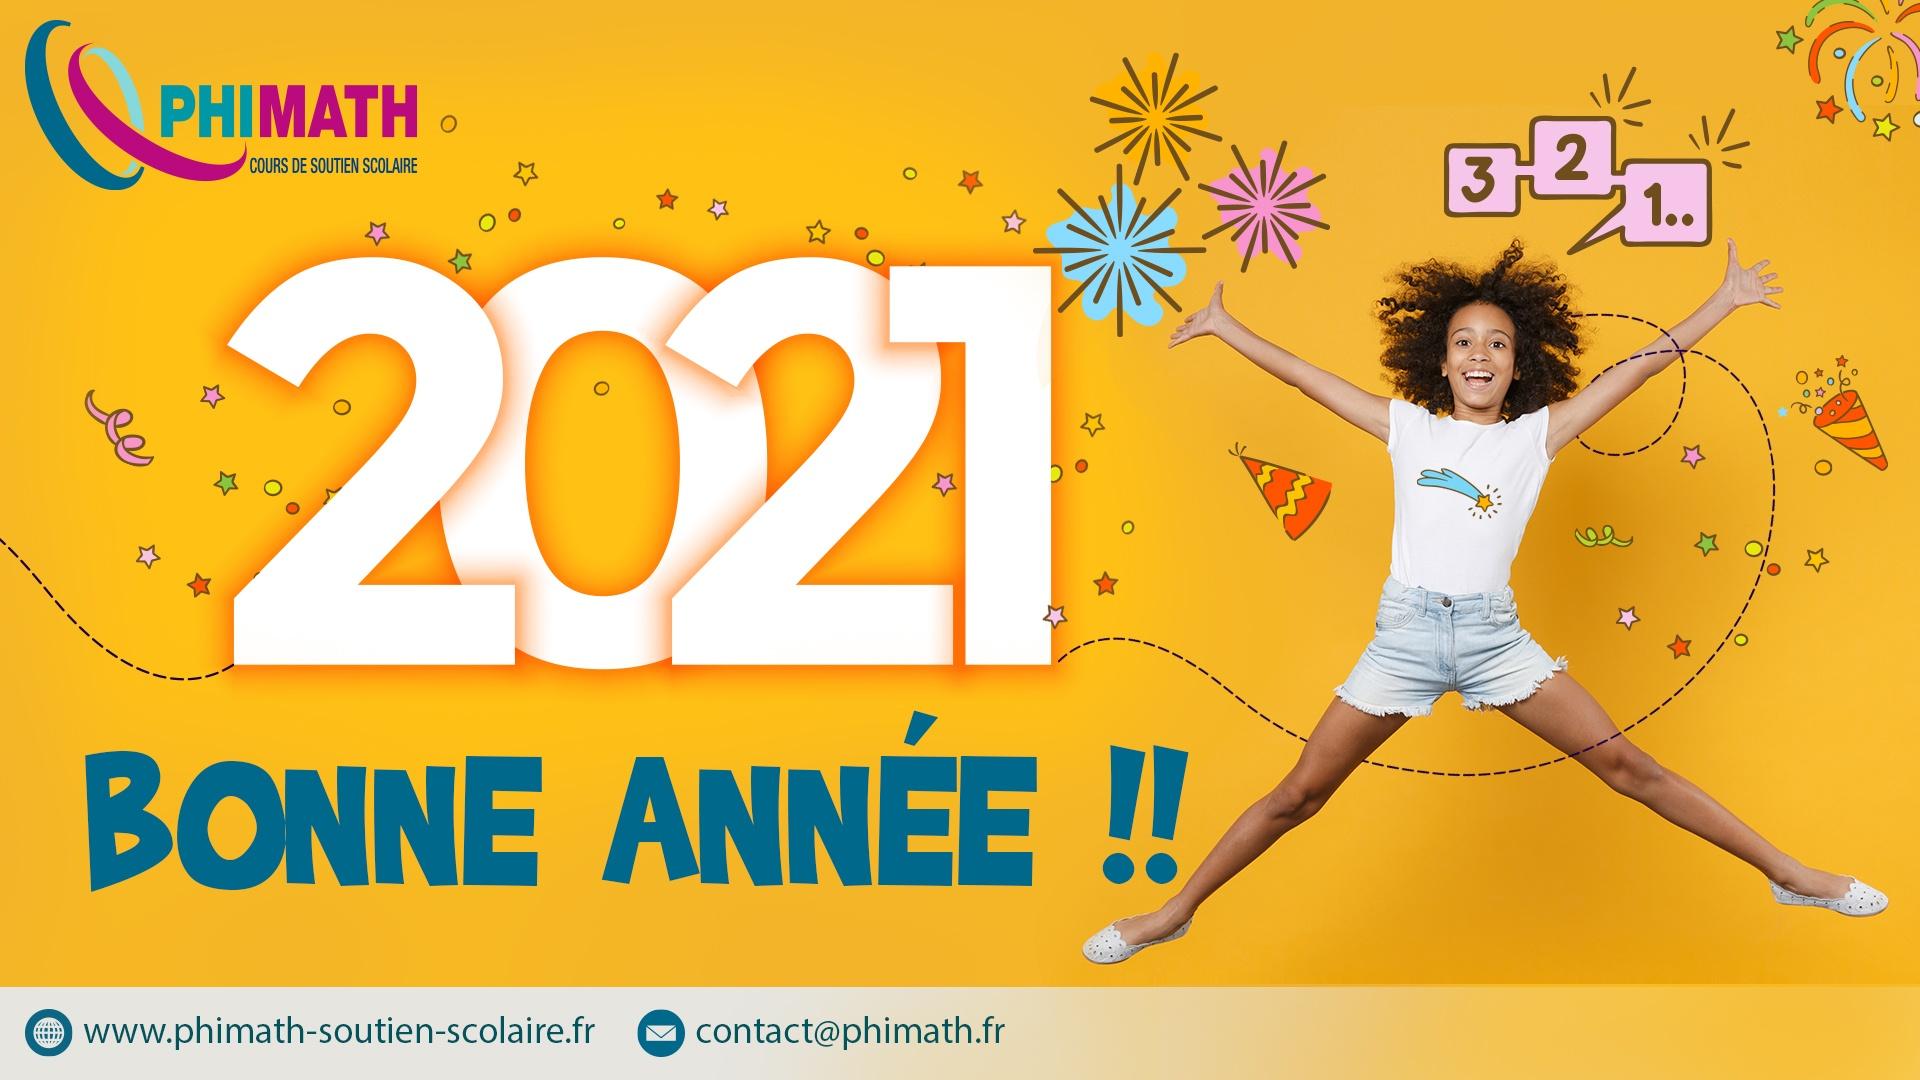 soutien scolaire Martinique Phimath Bonne année 2021